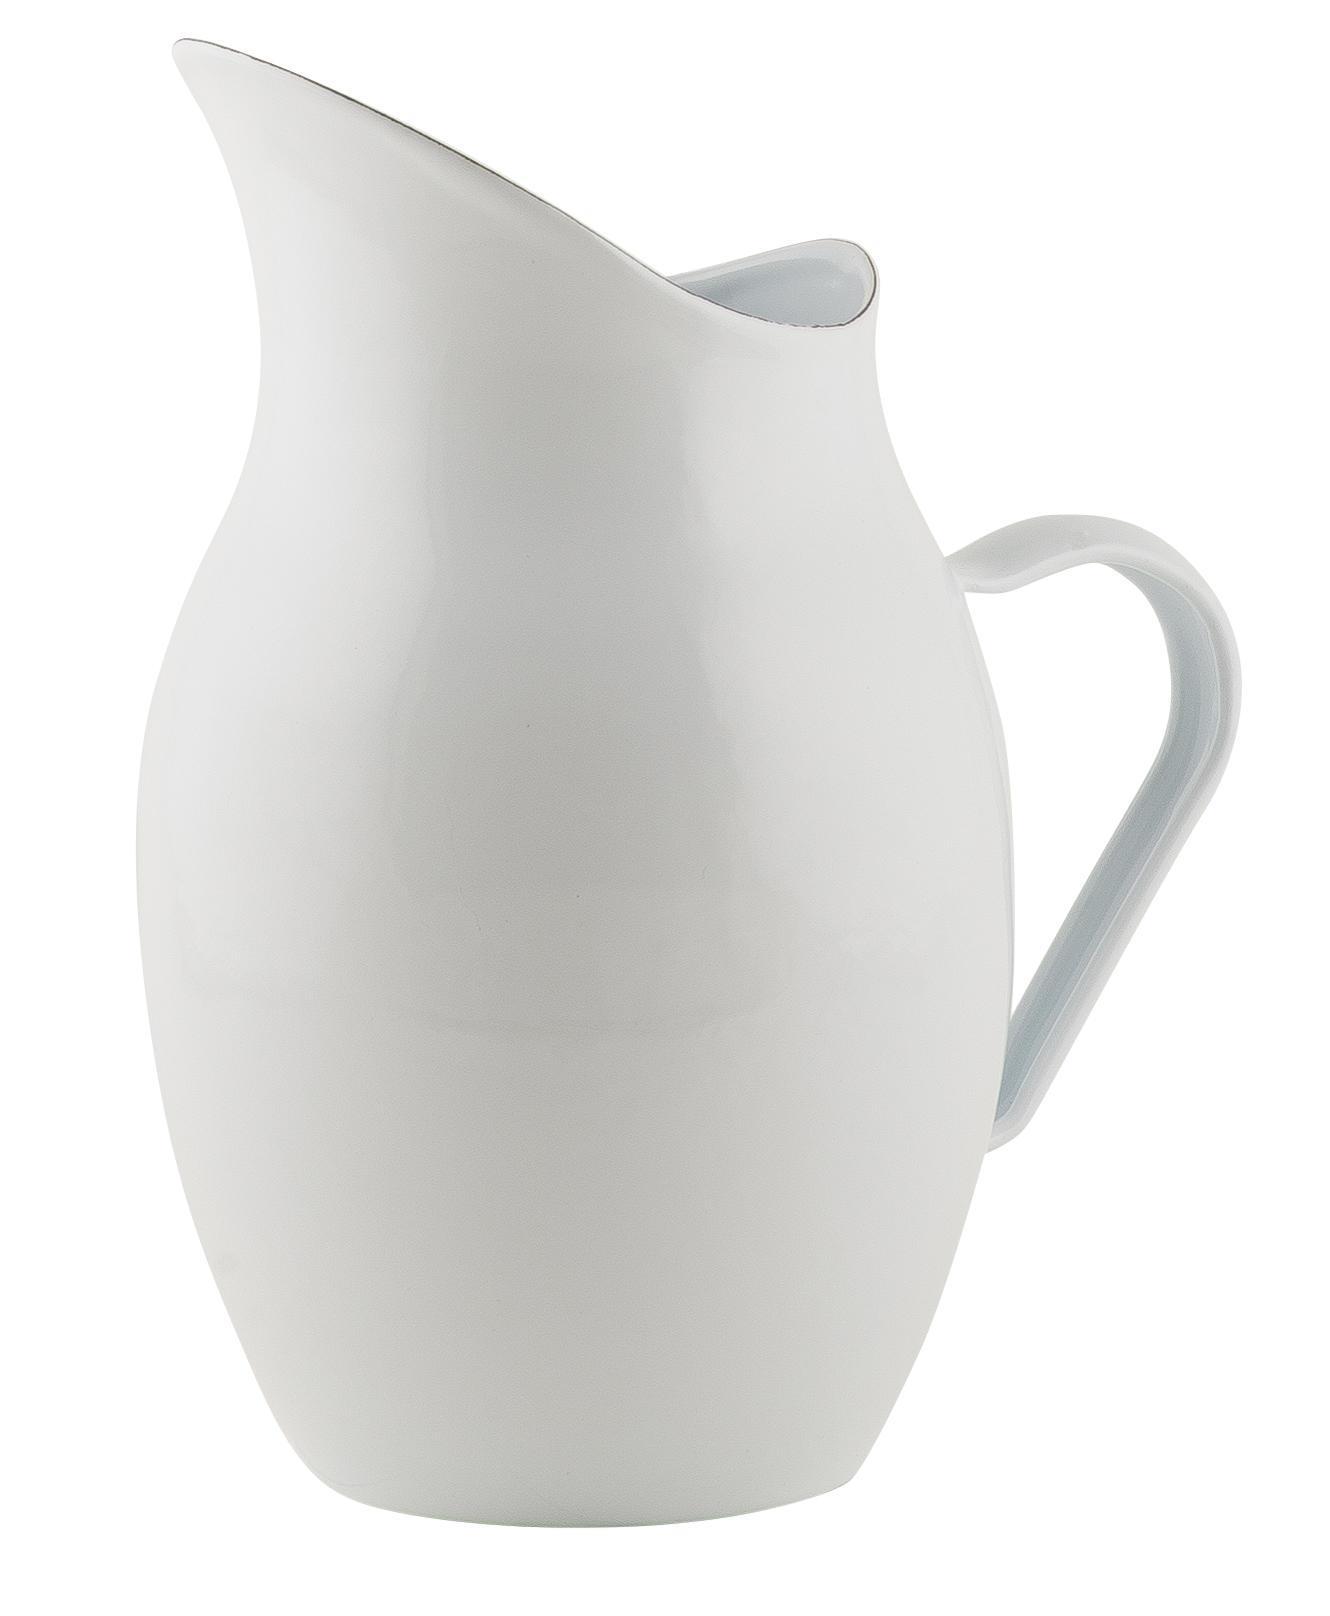 IB LAURSEN Smaltovaný džbán White 2,2l, bílá barva, smalt